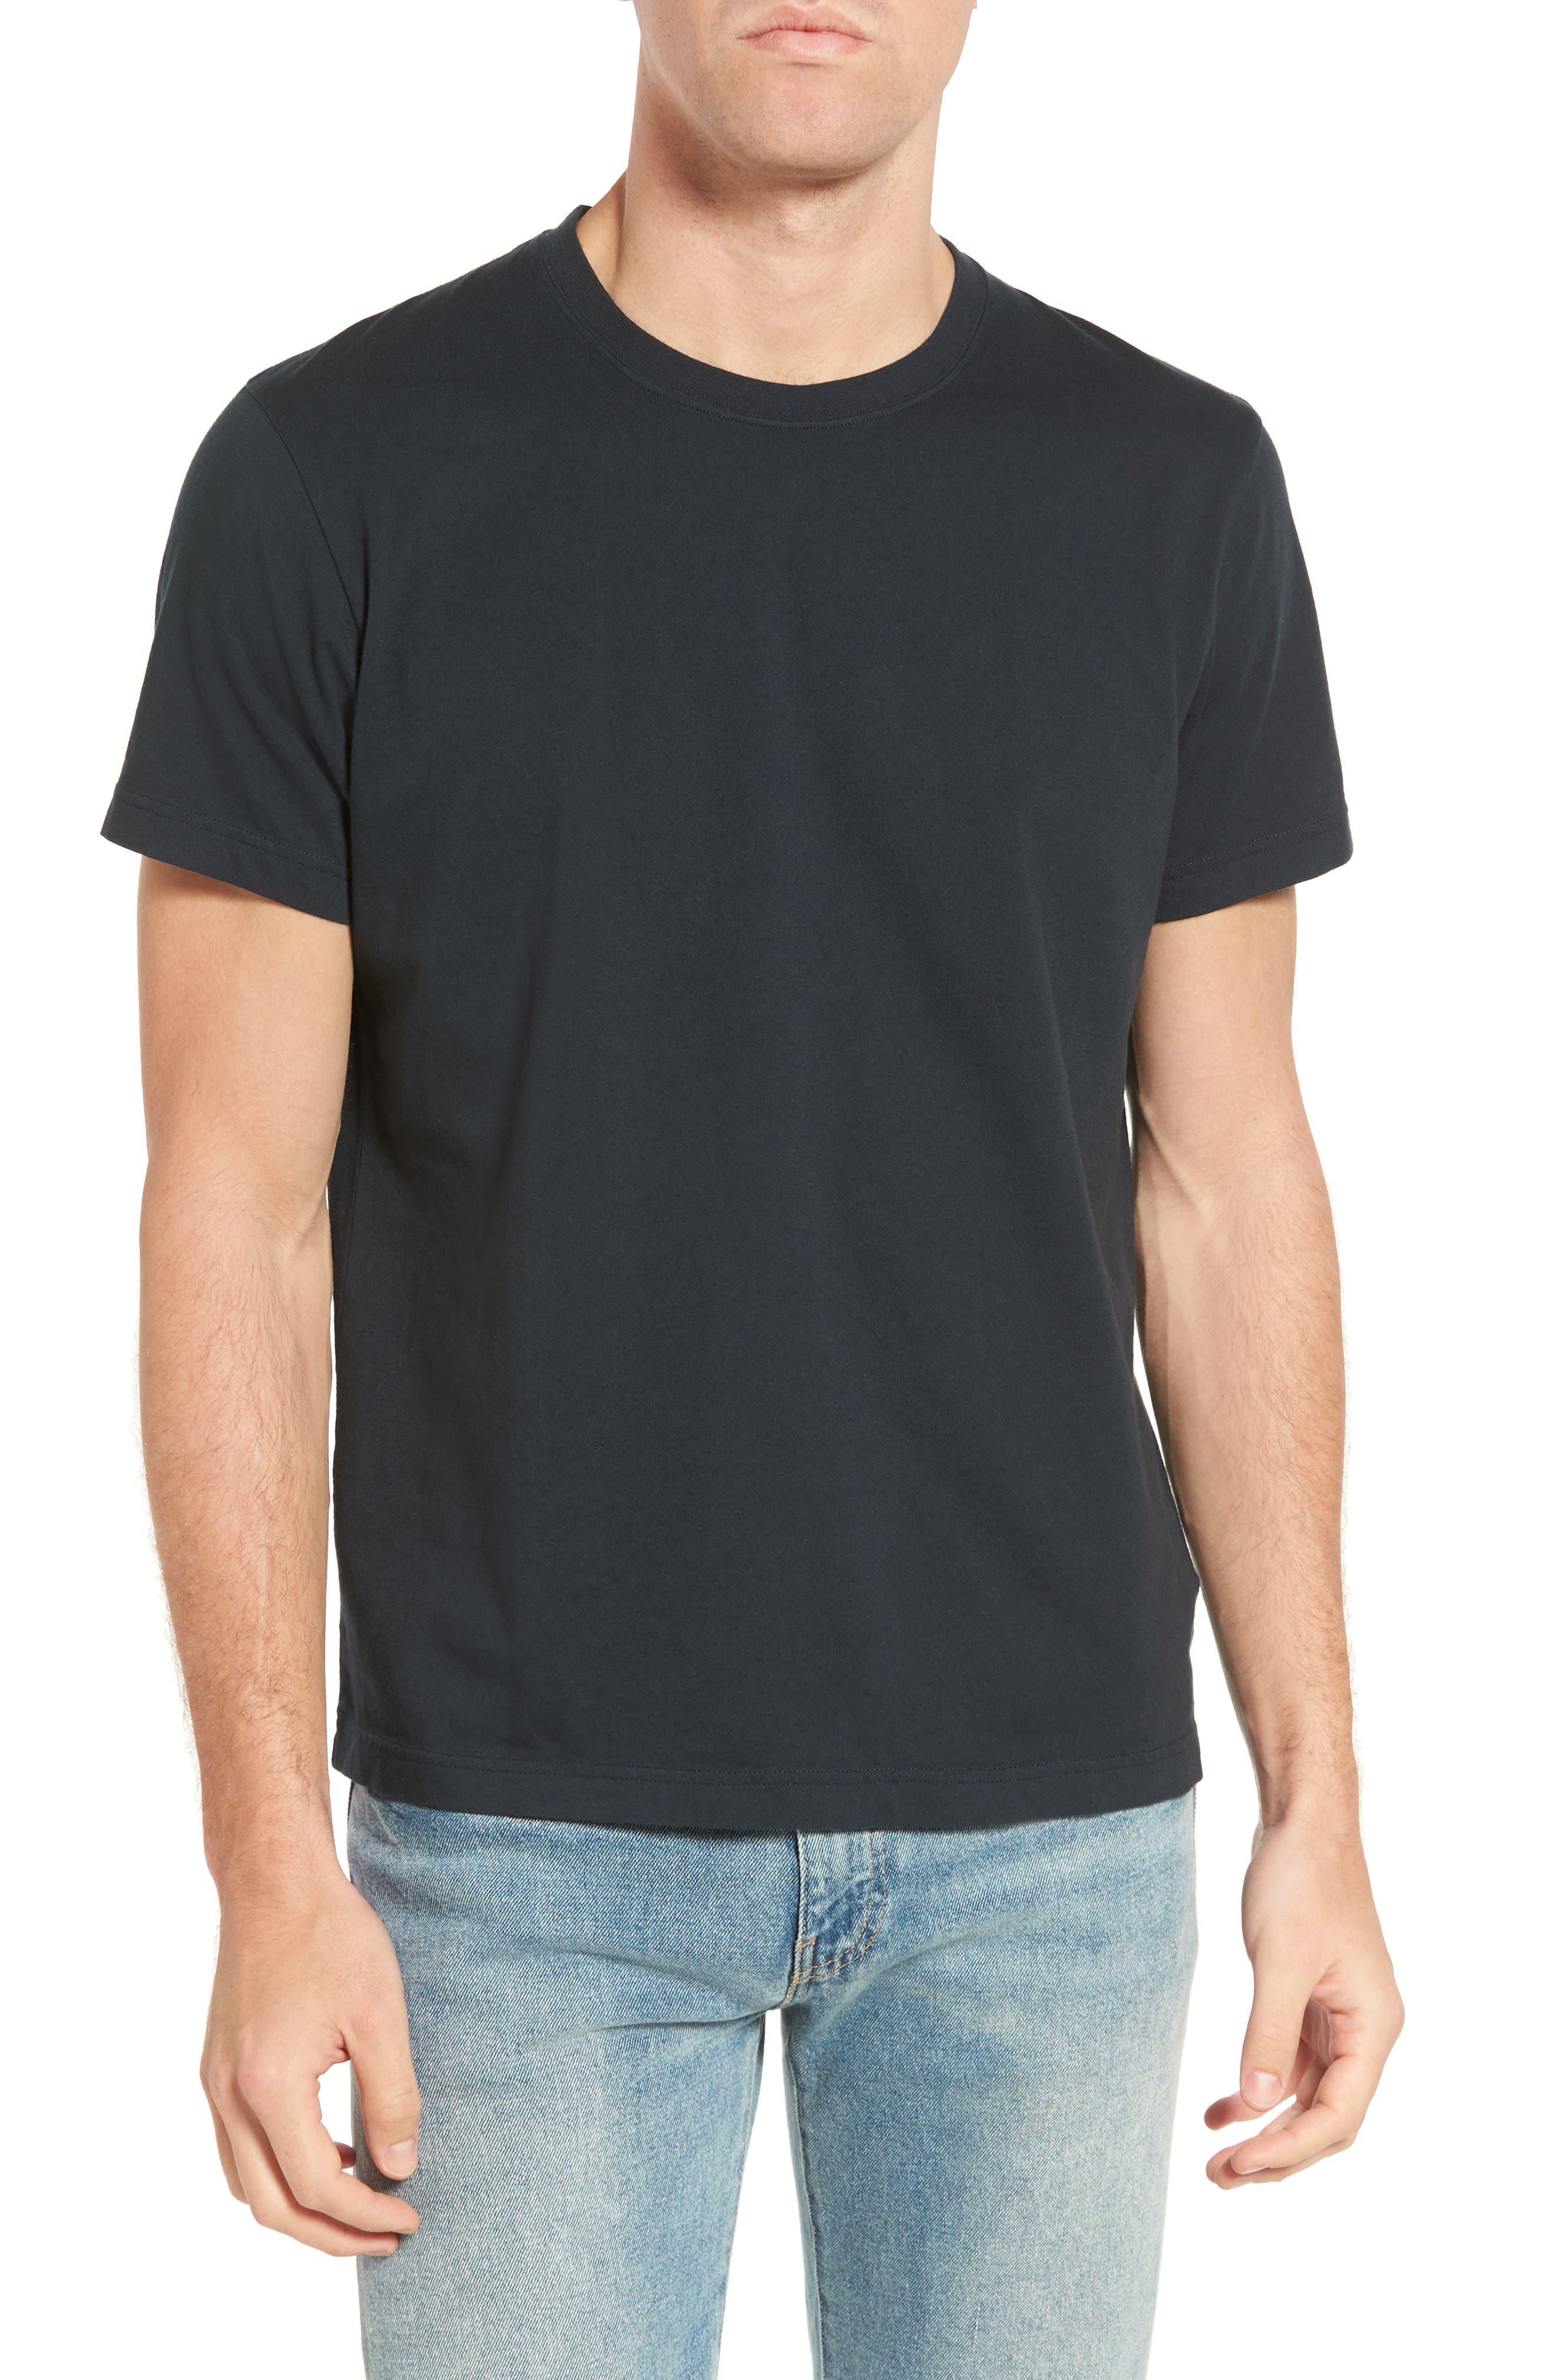 Rodd & Gunn Assorted 3-Pack T-Shirts